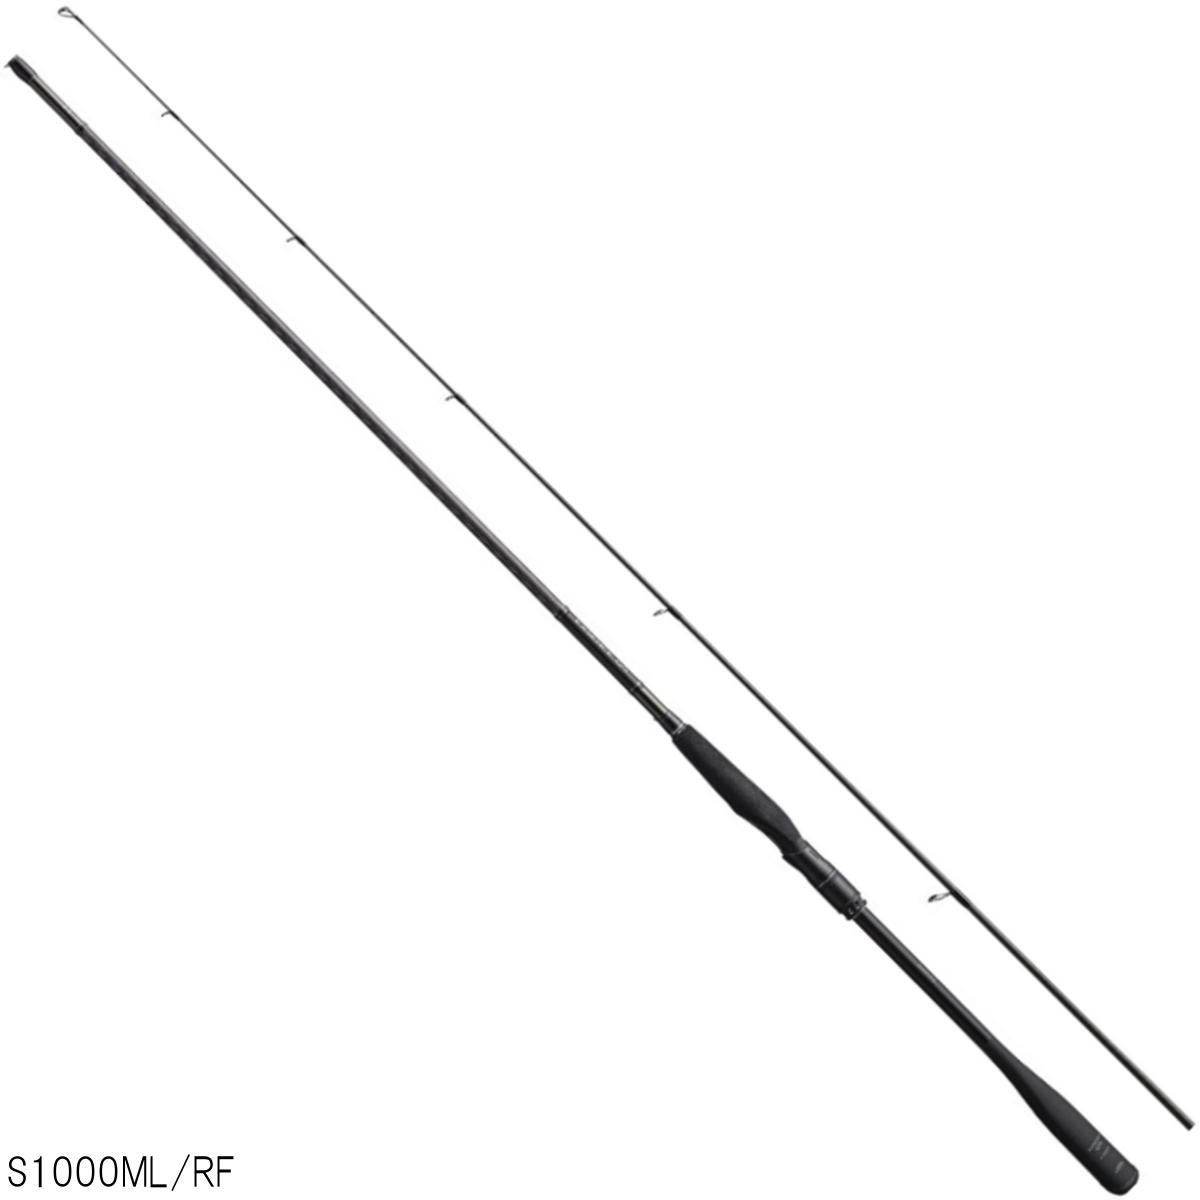 シマノ エクスセンス インフィニティ S1000ML/RF【大型商品】【送料無料】